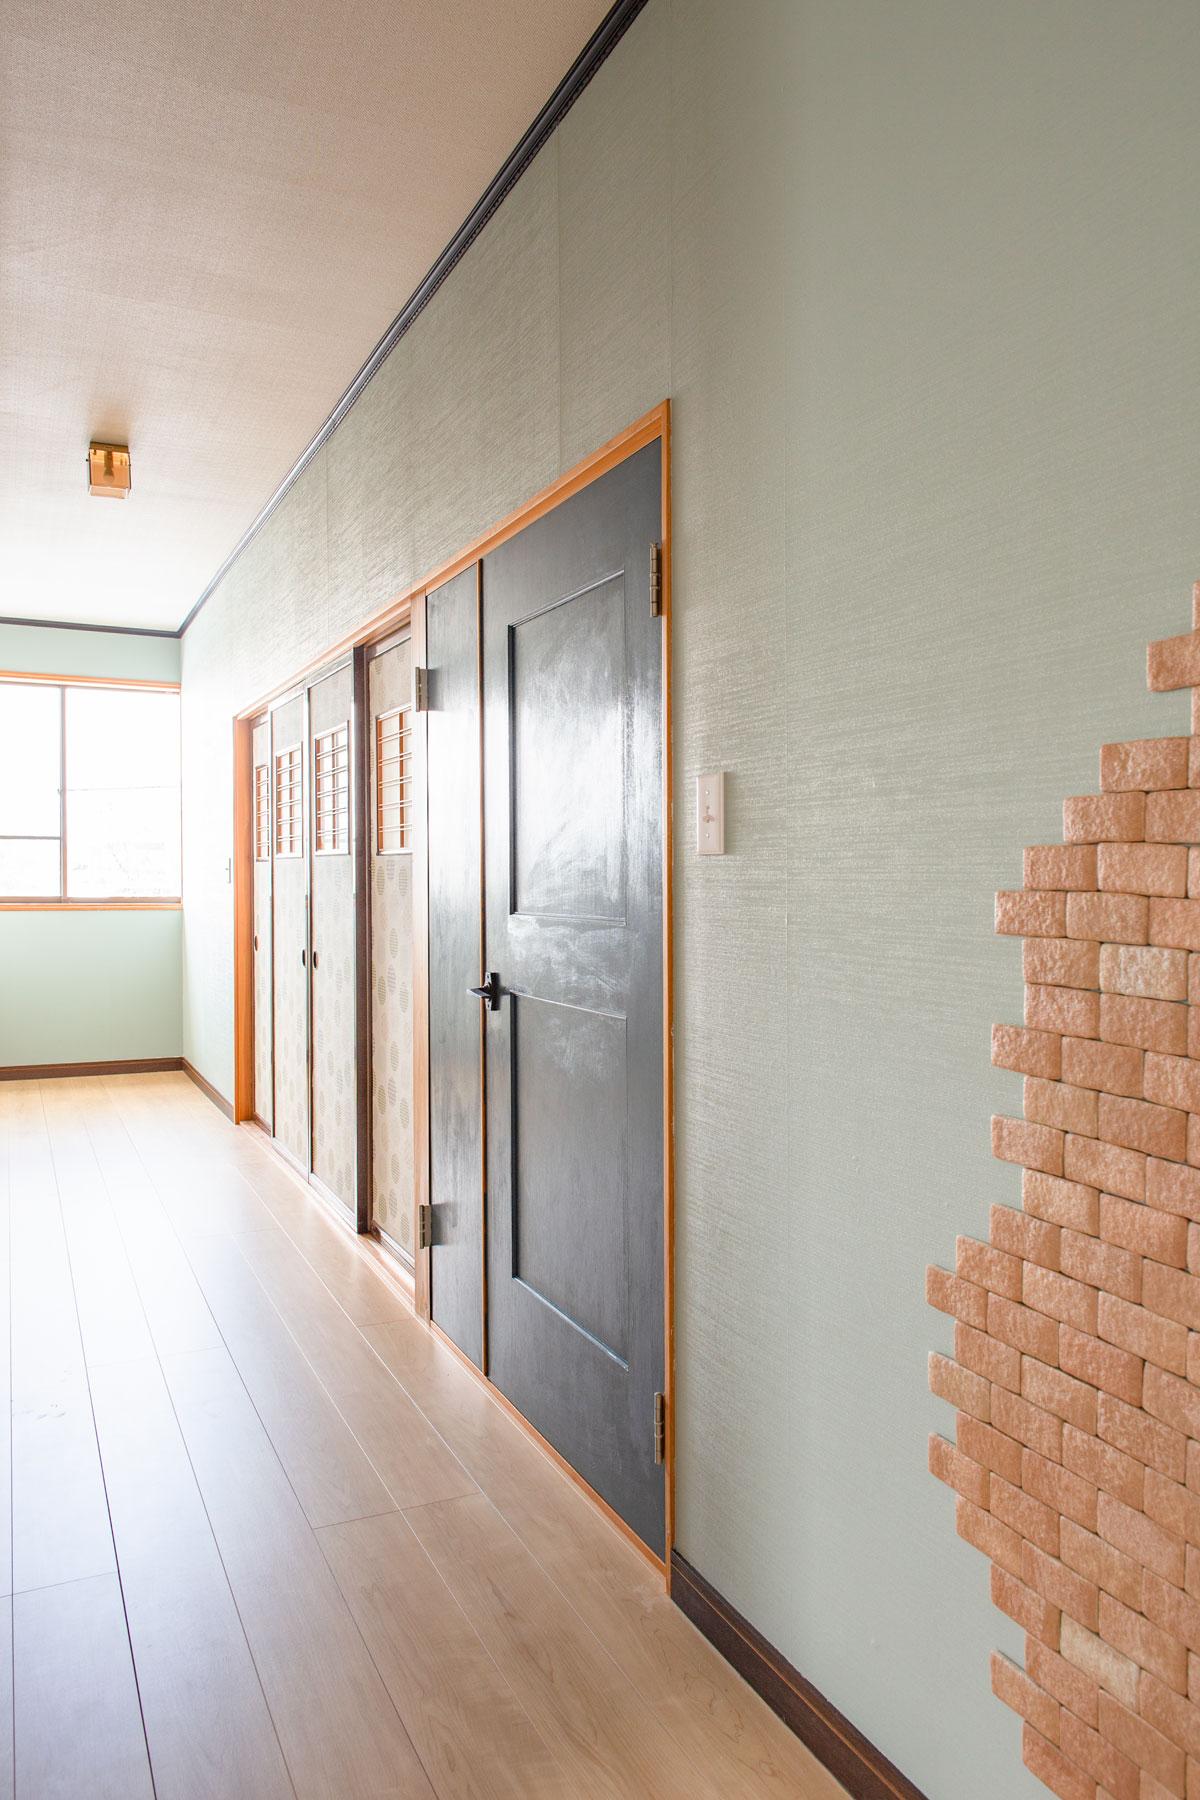 廊下。大好きなネコと暮らす、キャットウォークや専用ドアを設けたノベーションのお家。ウッドデッキやDIYのペイント、収納やディスプレイに活躍するパンチングボードも活用しています。(遊佐町)【酒田鶴岡で新築、デザイン住宅、リノベーションの工務店 ナチュラル工房伊藤住宅】